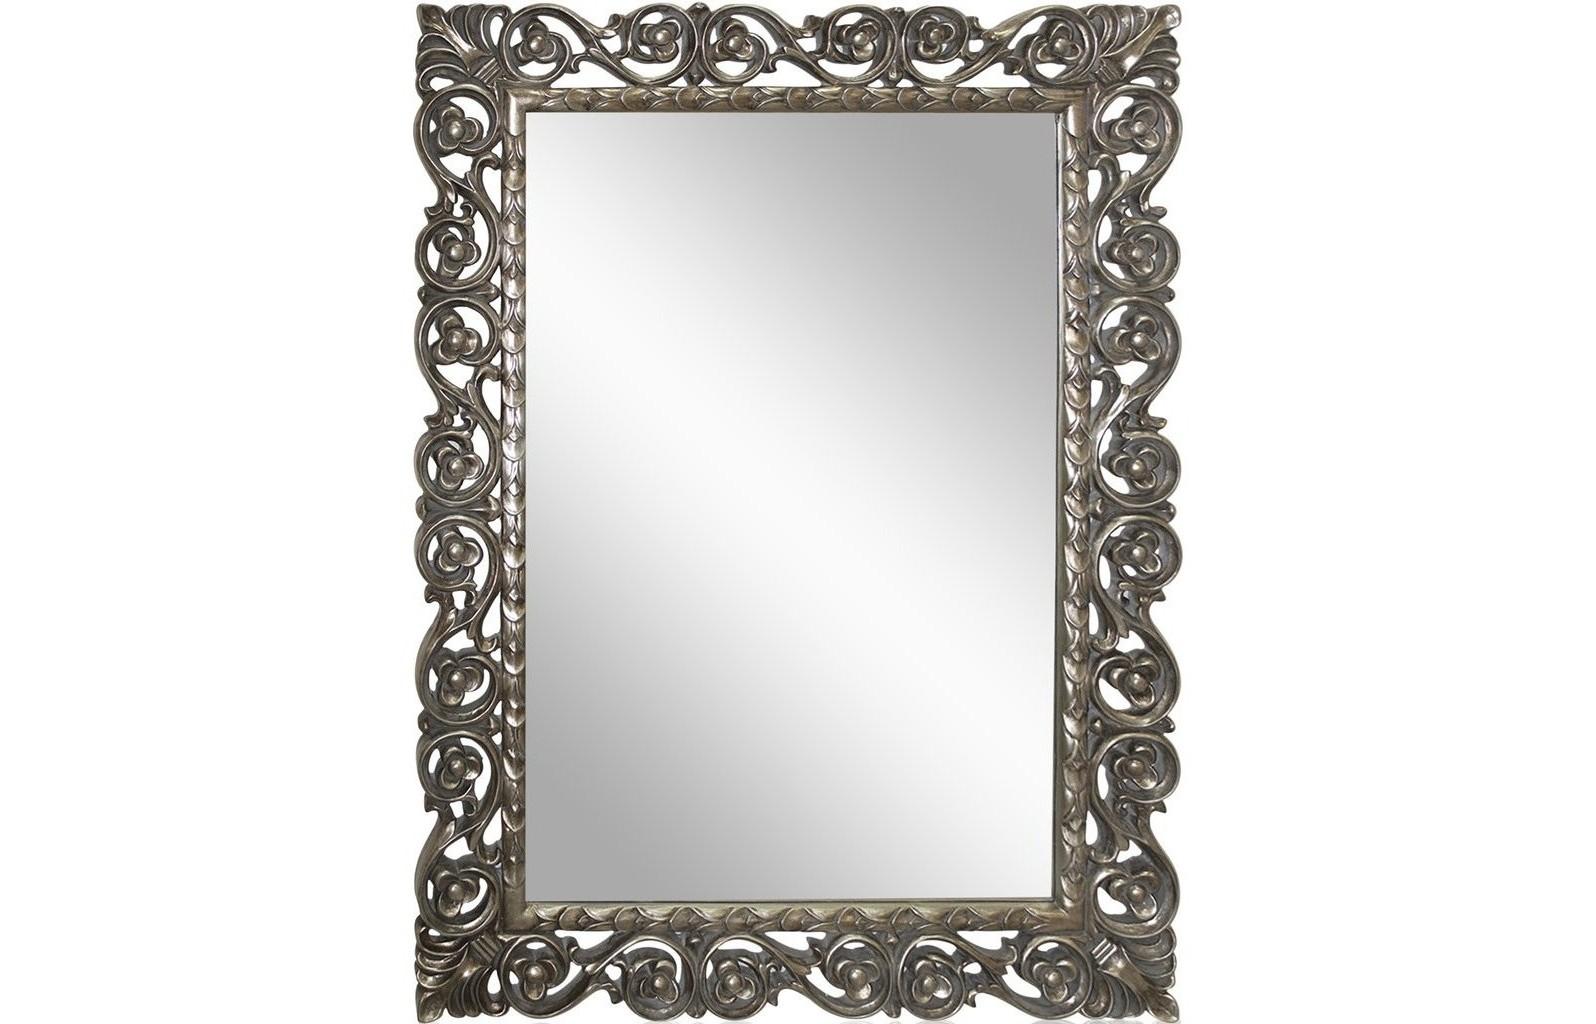 Зеркало БергамоНастенные зеркала<br>Крепления входят в стоимость.<br><br>Material: Пластик<br>Width см: 84<br>Depth см: 4.5<br>Height см: 115